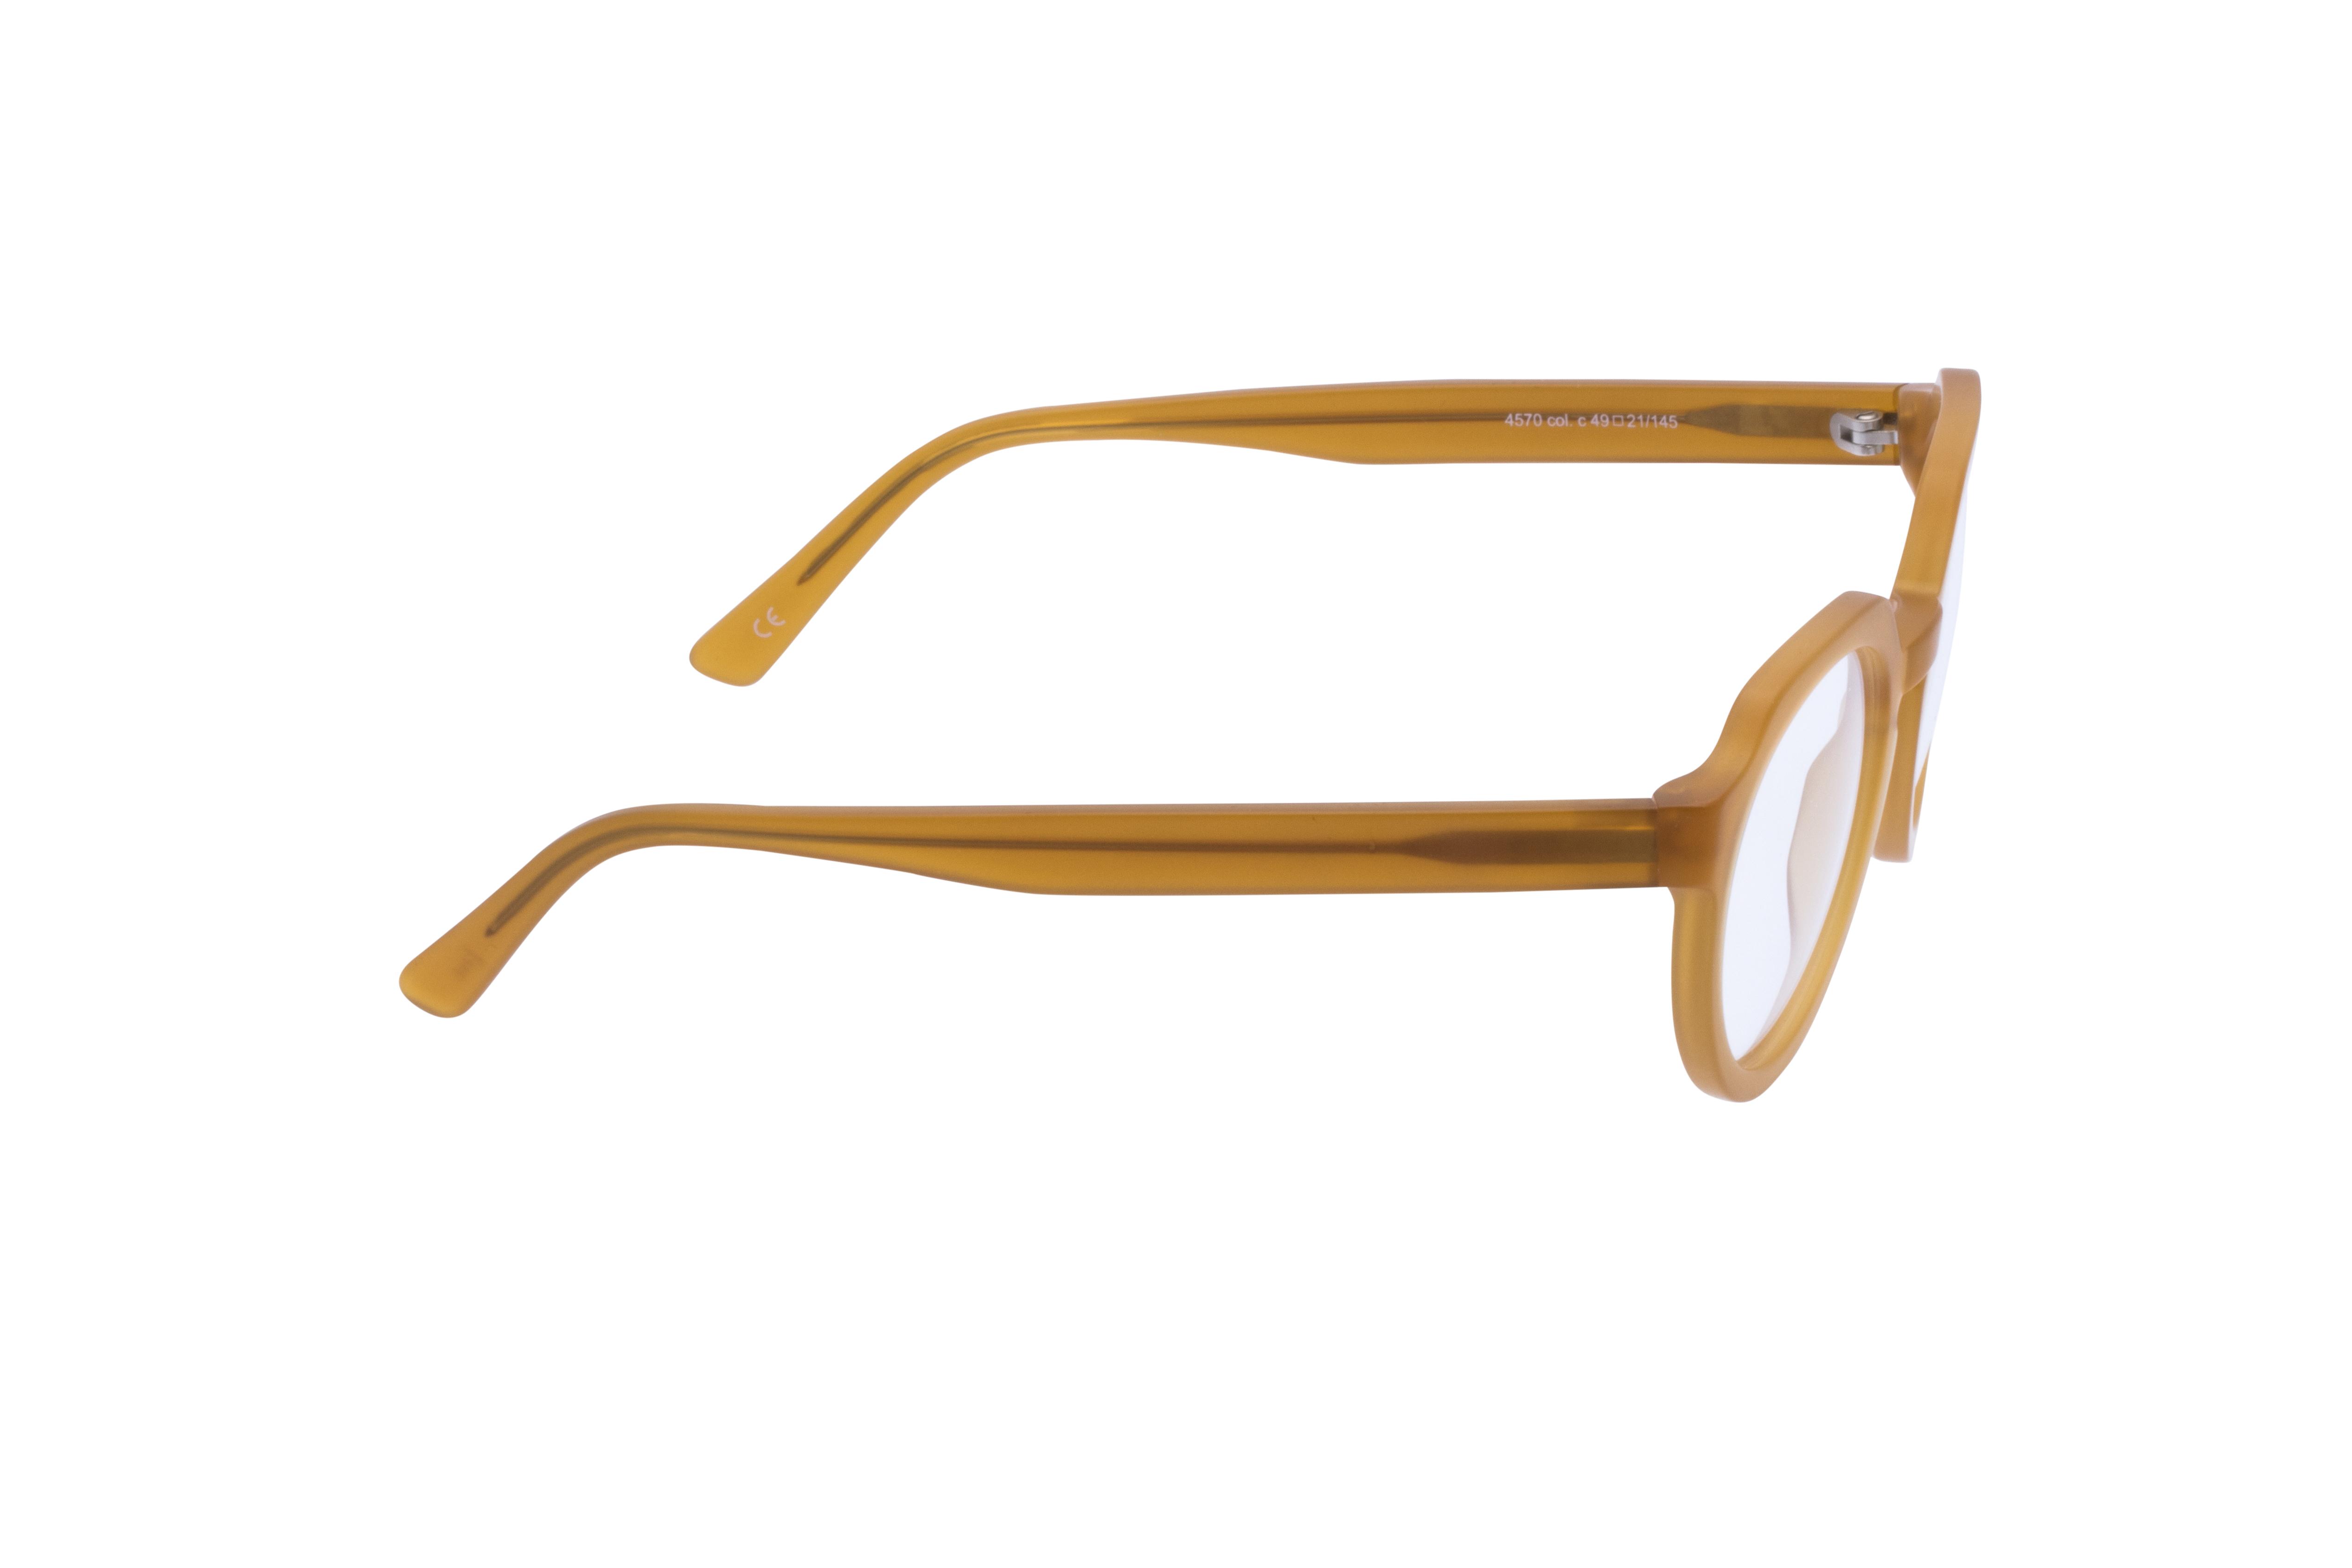 360 Grad Ansicht 5 Andy Wolf 4570, Brille auf Weiß - Fassung bei KUNK